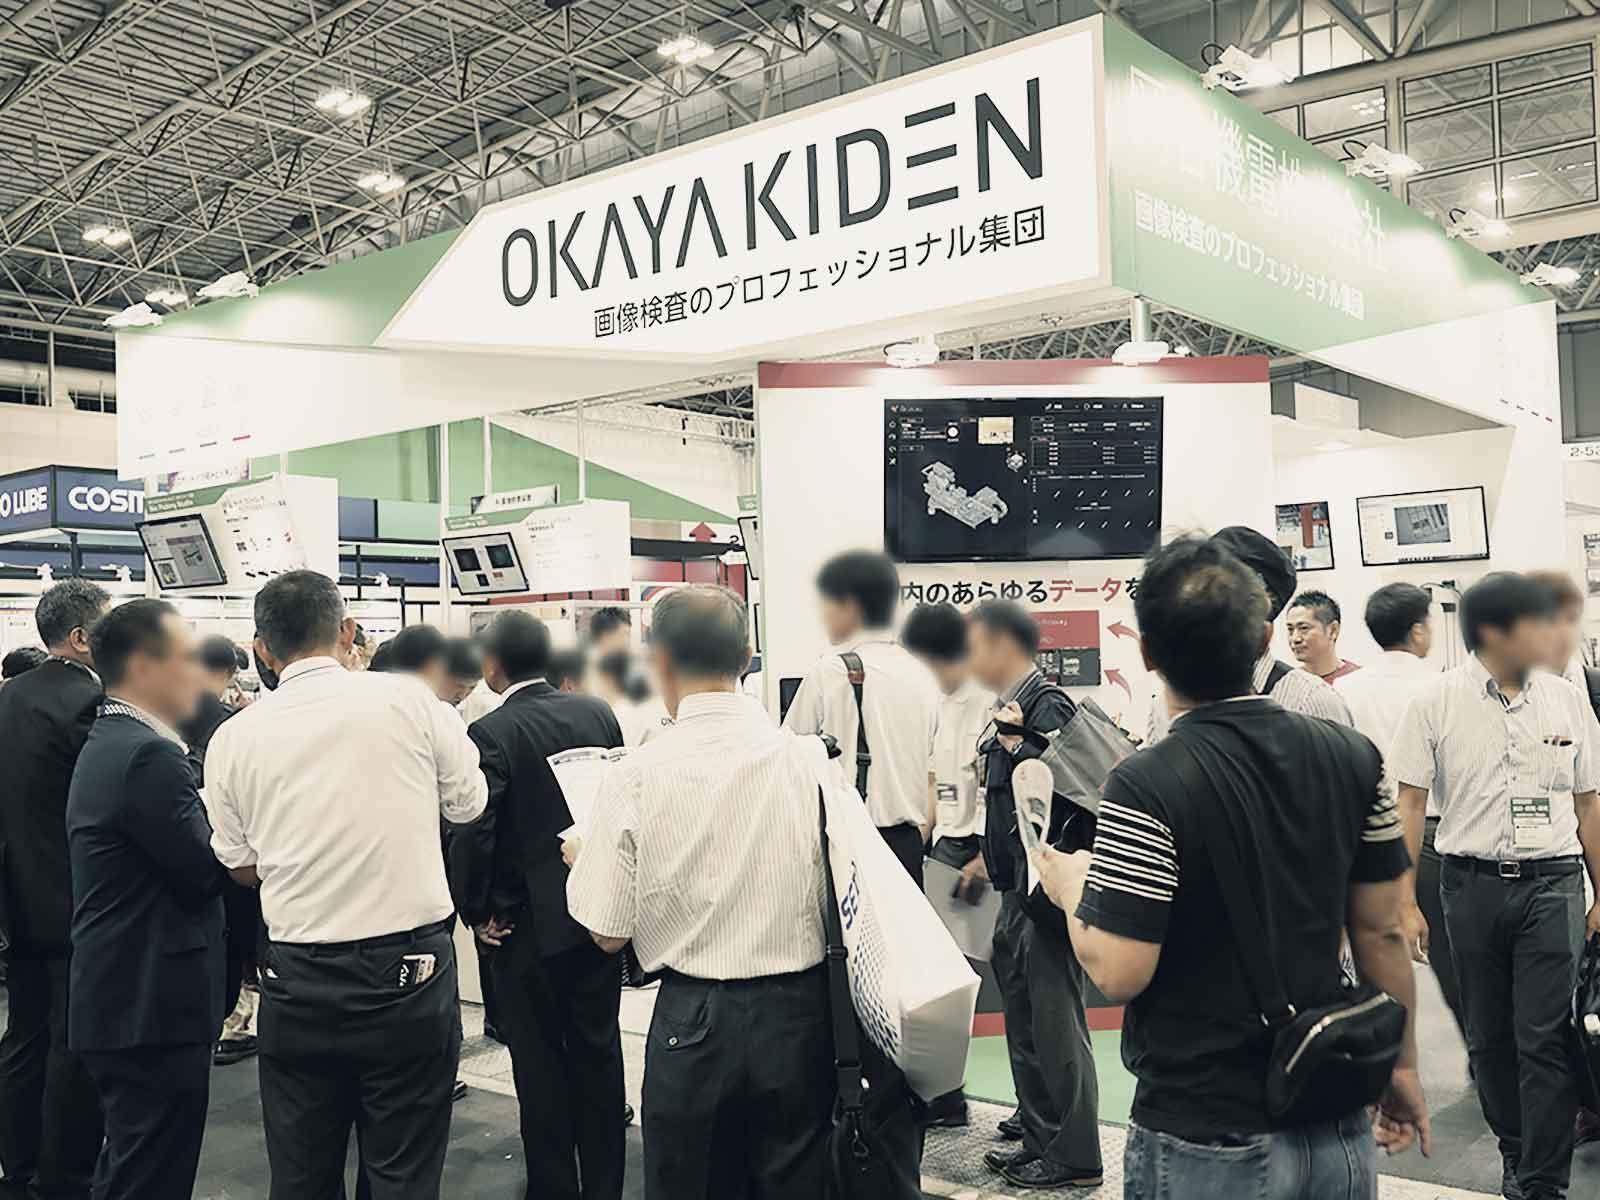 第2回名古屋ネプコンジャパンに岡谷機電様ブースにて共同出展